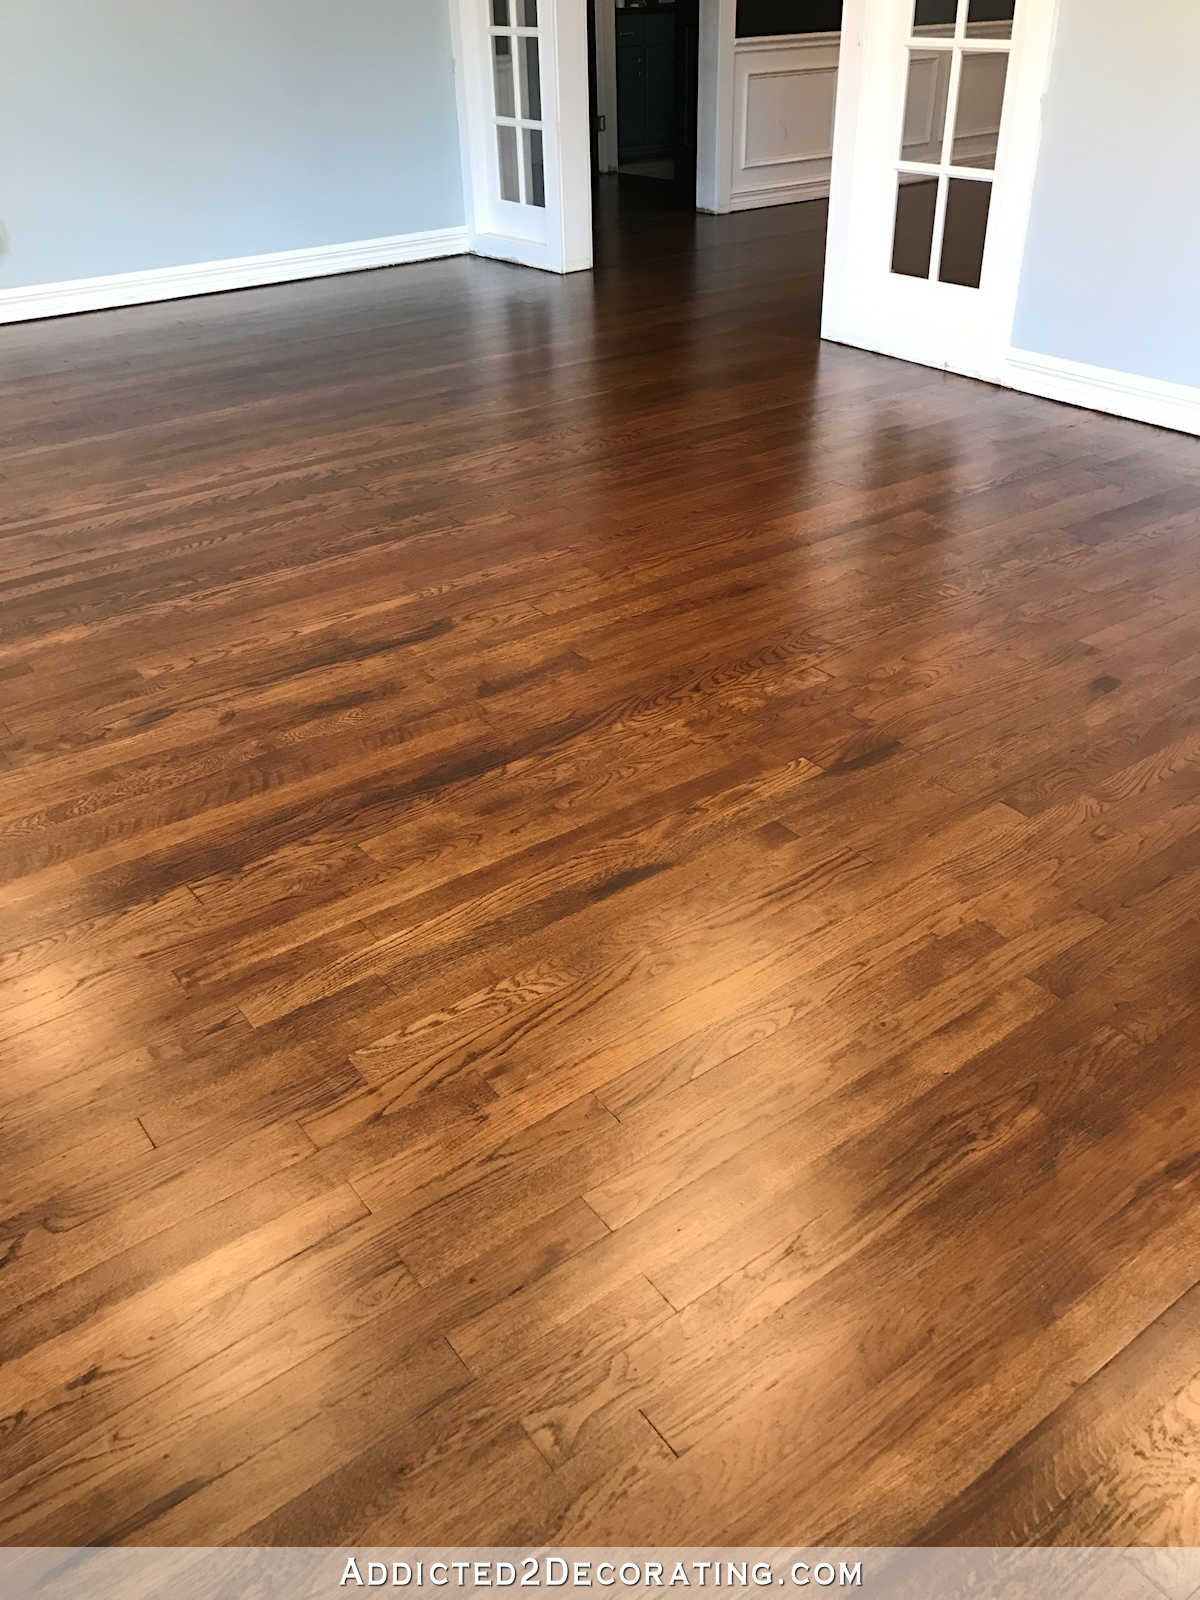 My Newly Refinished Red Oak Hardwood Floors Addicted 2 Decorating Red Oak Hardwood Floors Wood Floor Colors Red Oak Wood Floors